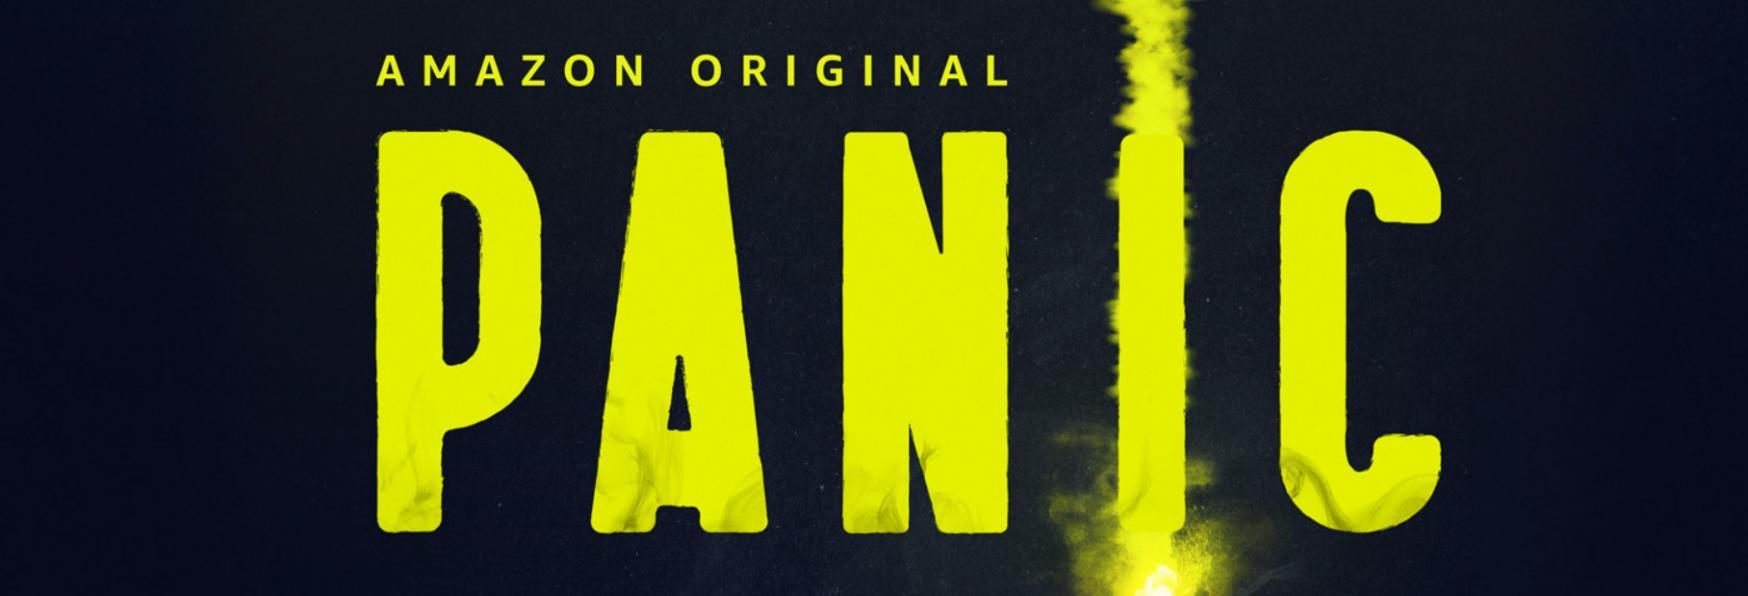 Panic: Svelato il Trailer Ufficiale della nuova Serie TV di Amazon Prime Video